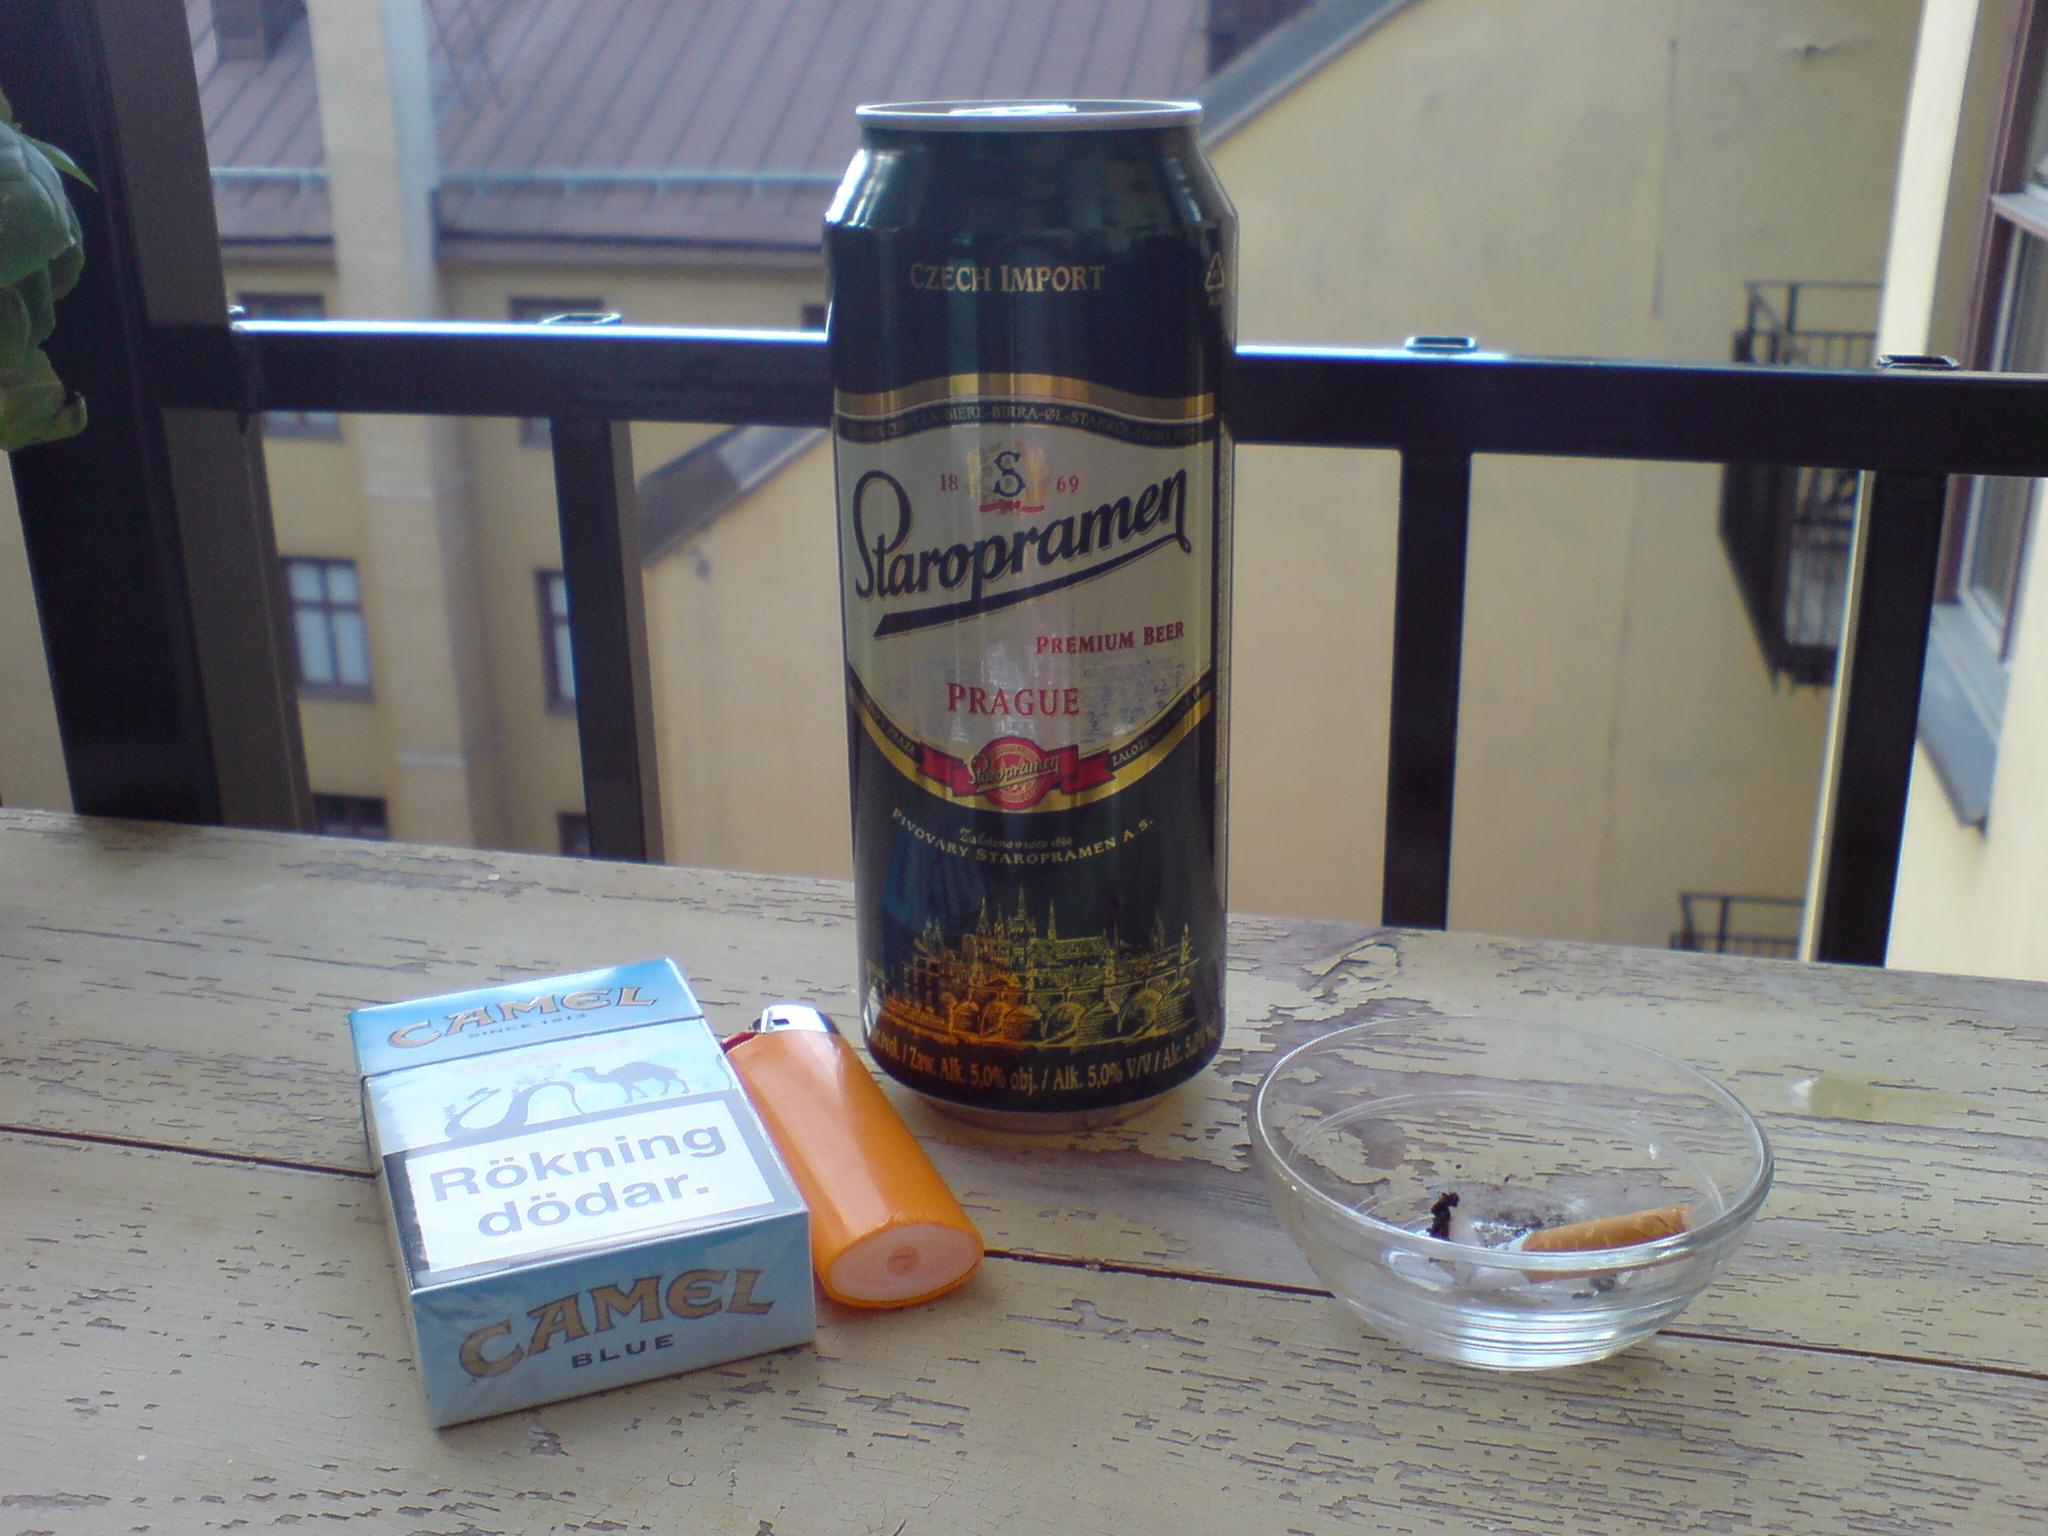 Balkongen får dig att röka och dricka